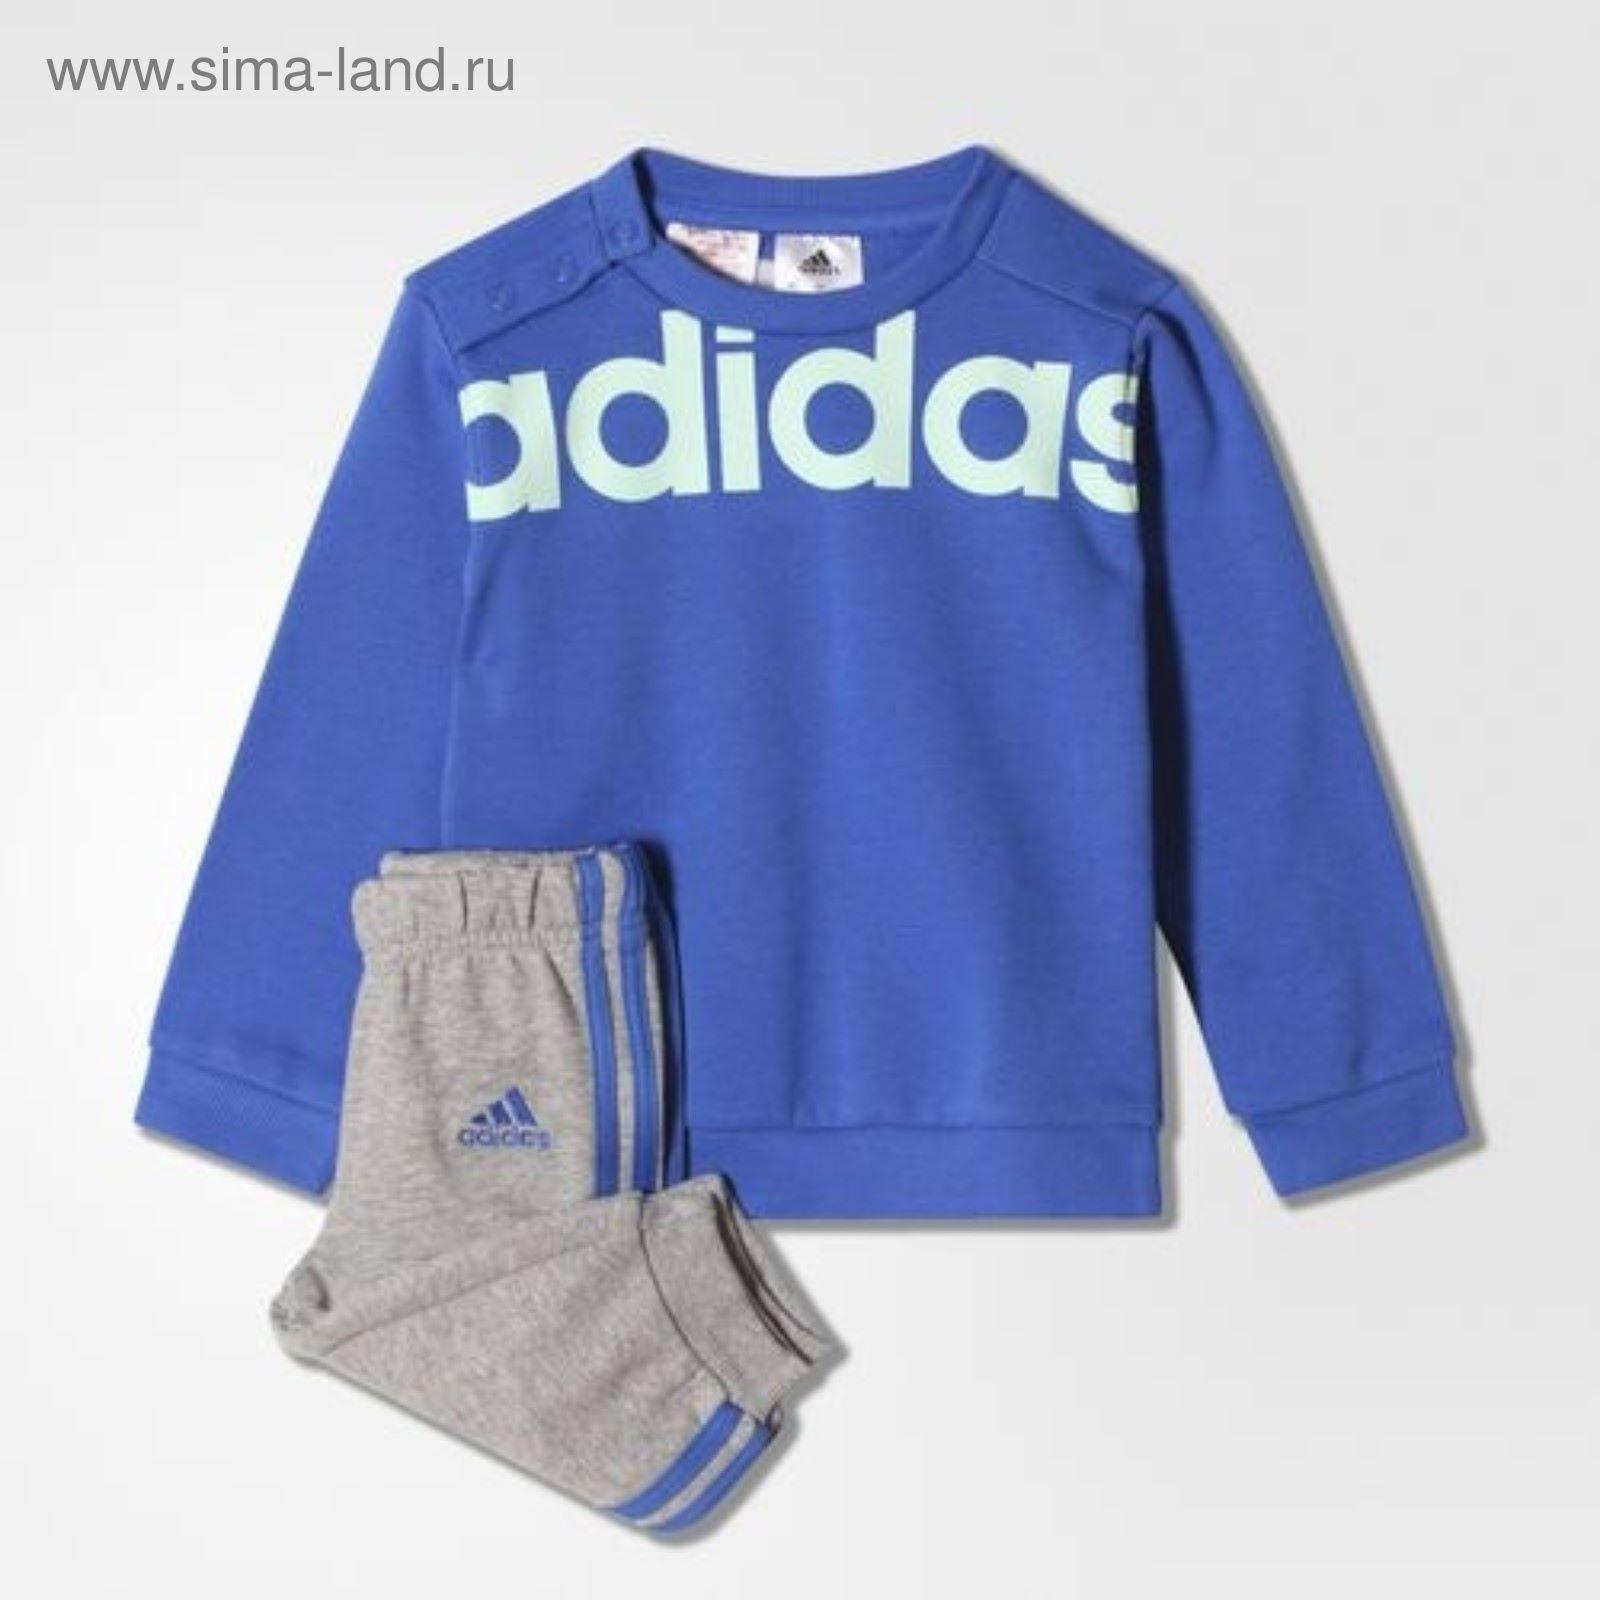 Спортивный костюм детский ADIDAS I ST TERRY JOGG BLUE RAYBLU (р.87 ... 19db186493d52